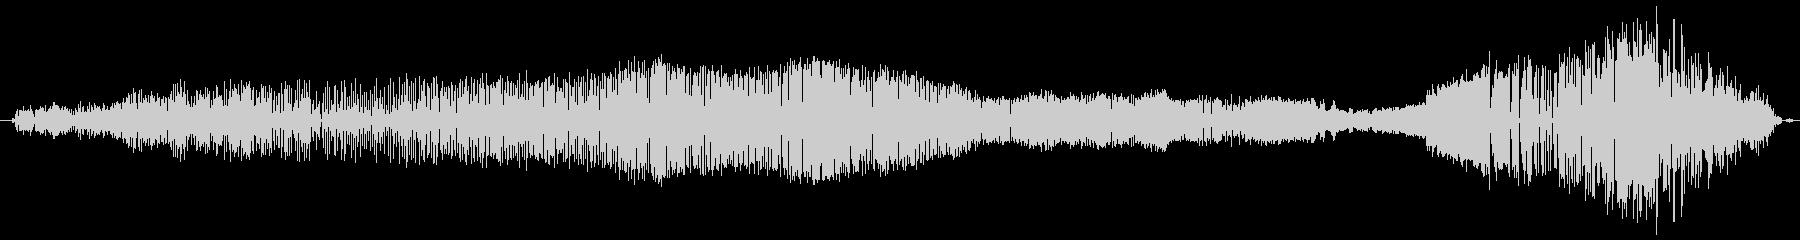 鳴き声 雄の吸うイサキ03の未再生の波形